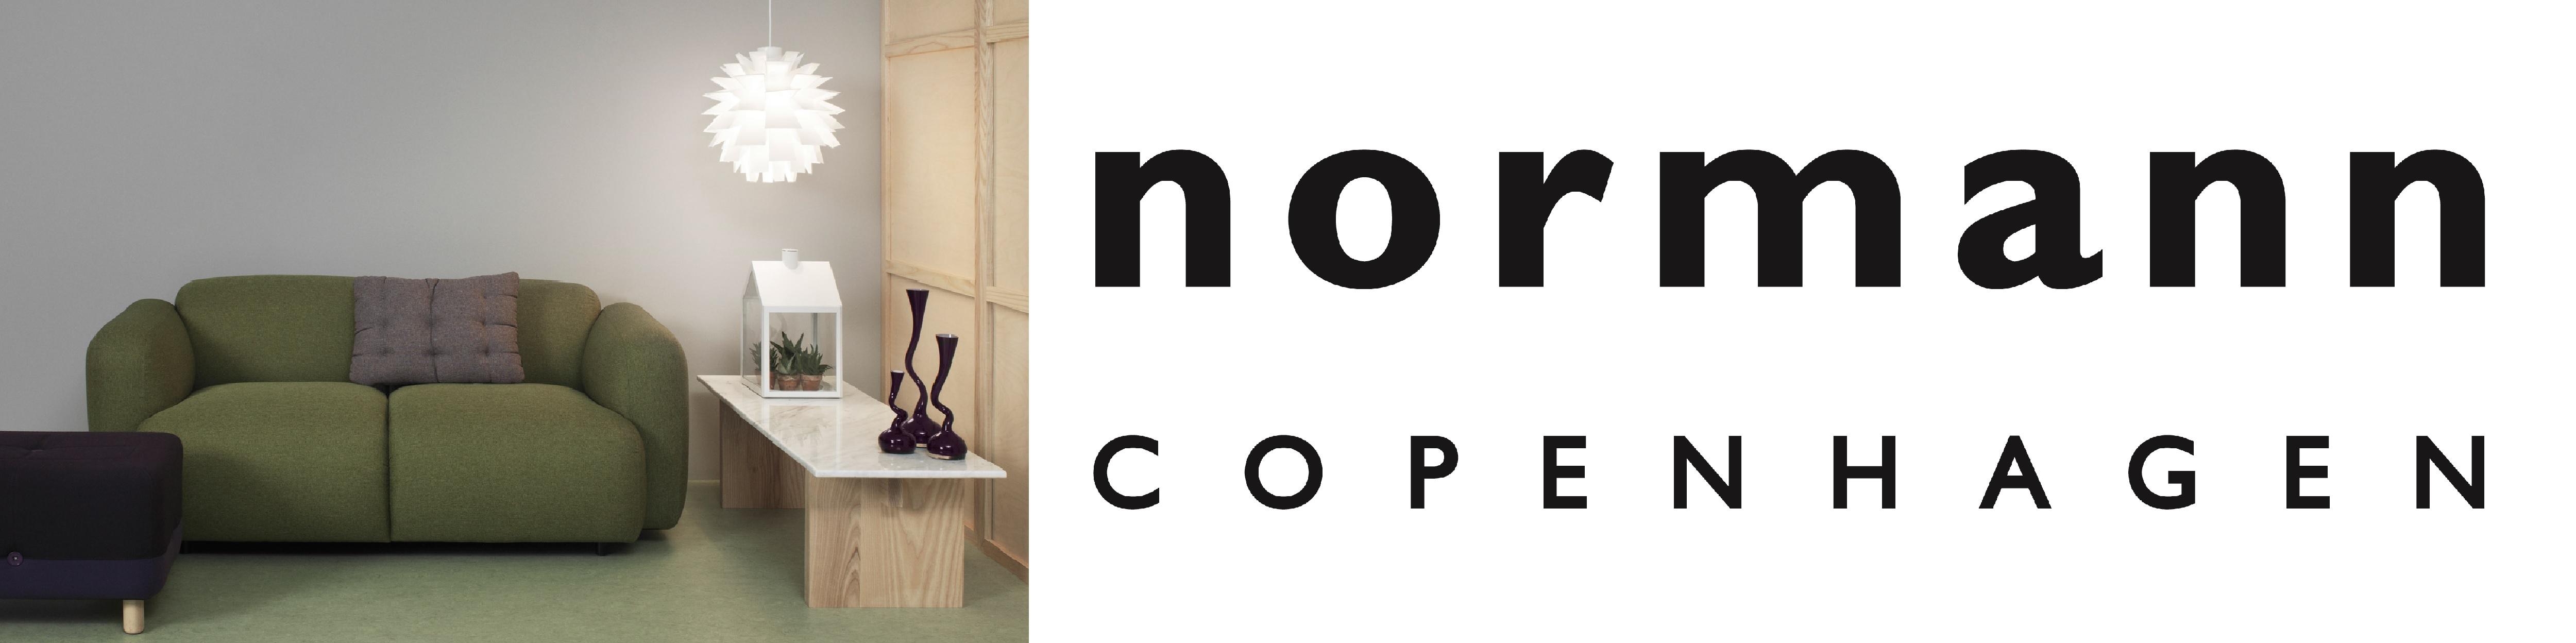 normann-cph-brand-ii.jpg